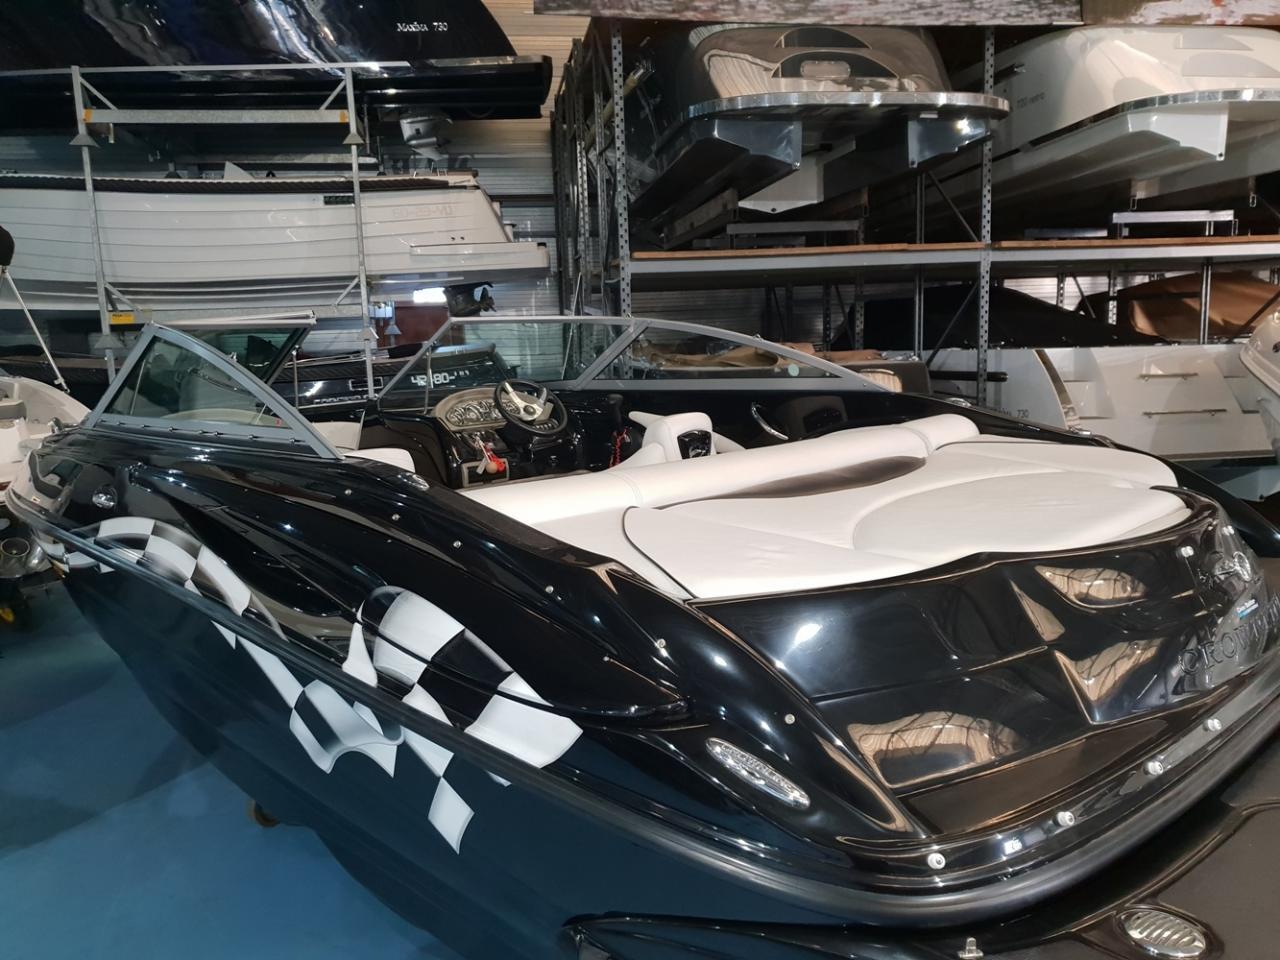 Crownline speedboot met Mercruiser 5 liter V8 motor 6